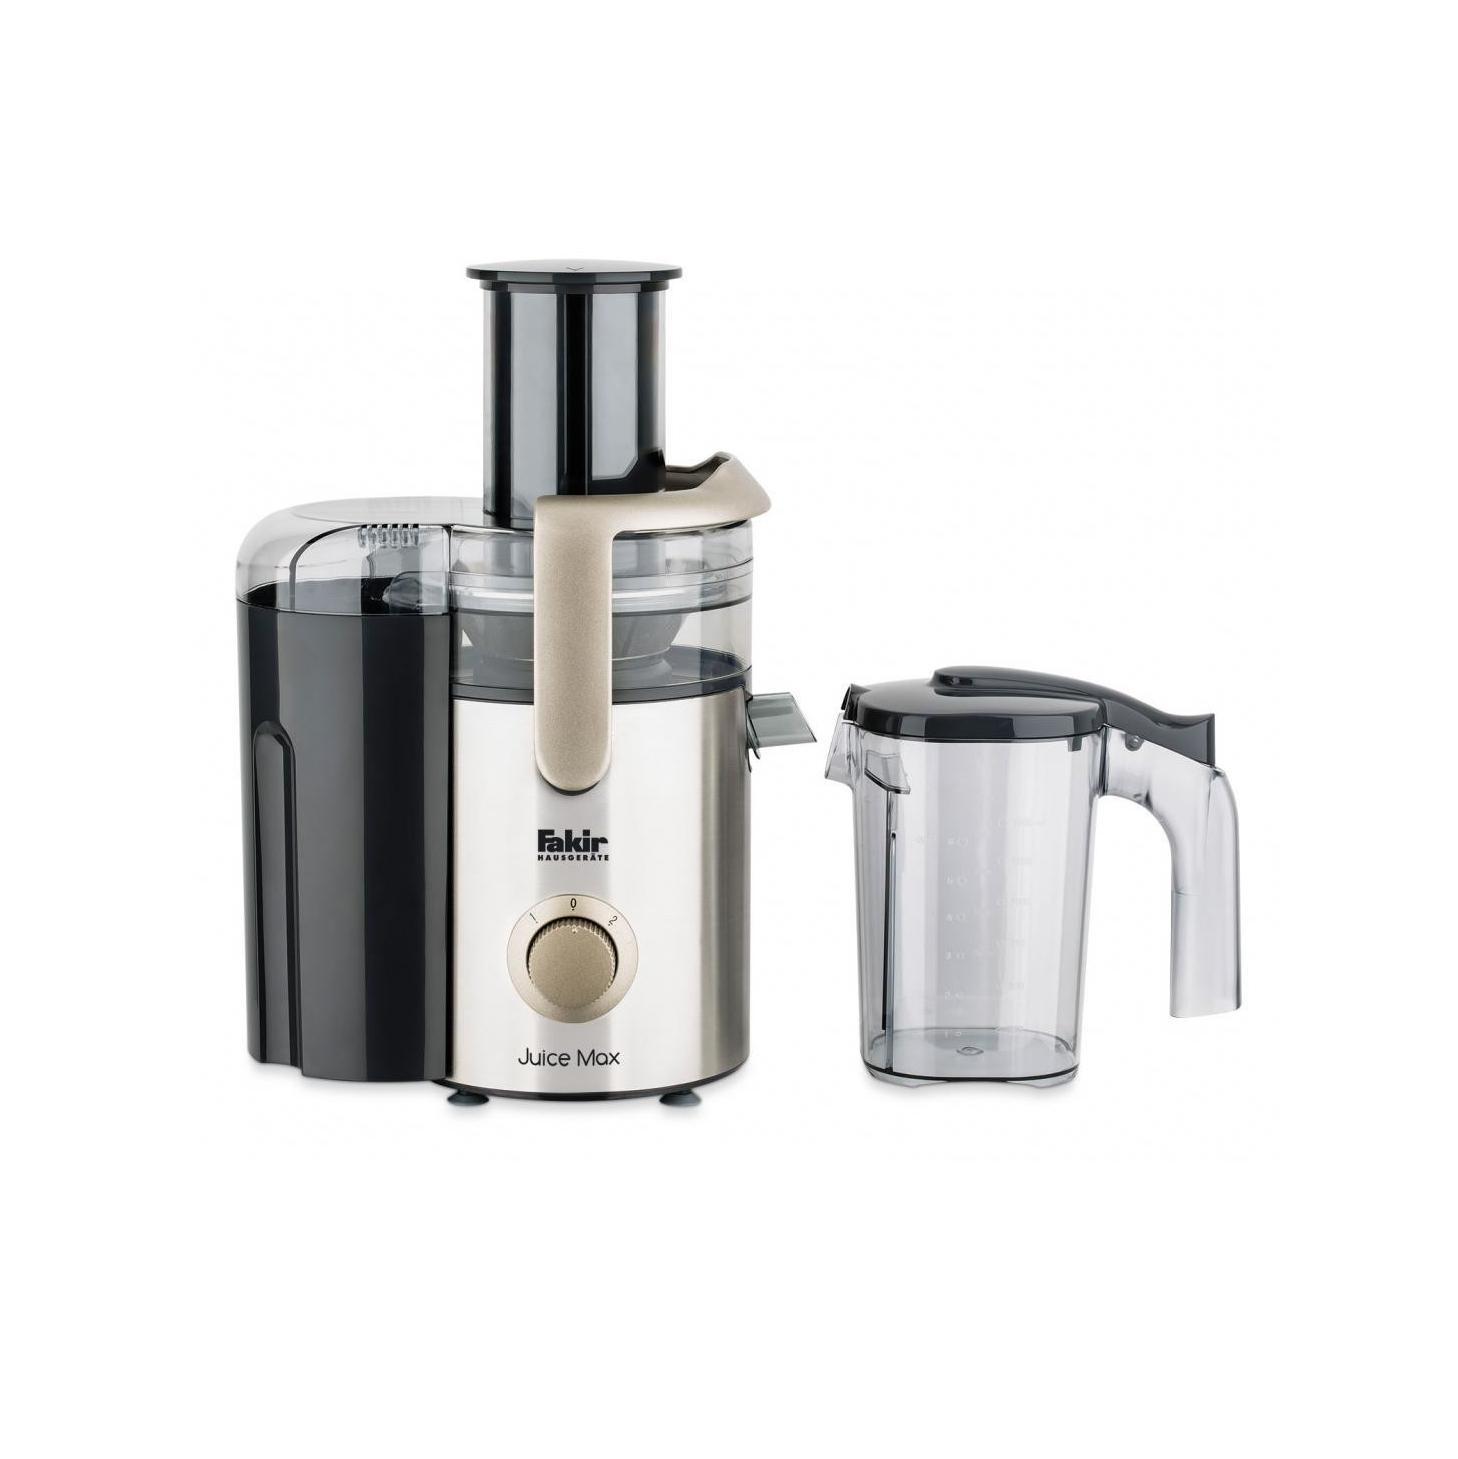 آبمیوه گیر فکر مدل جویس مکس JUICE MAX تک کاره - Fakir JUICE MAX juicer